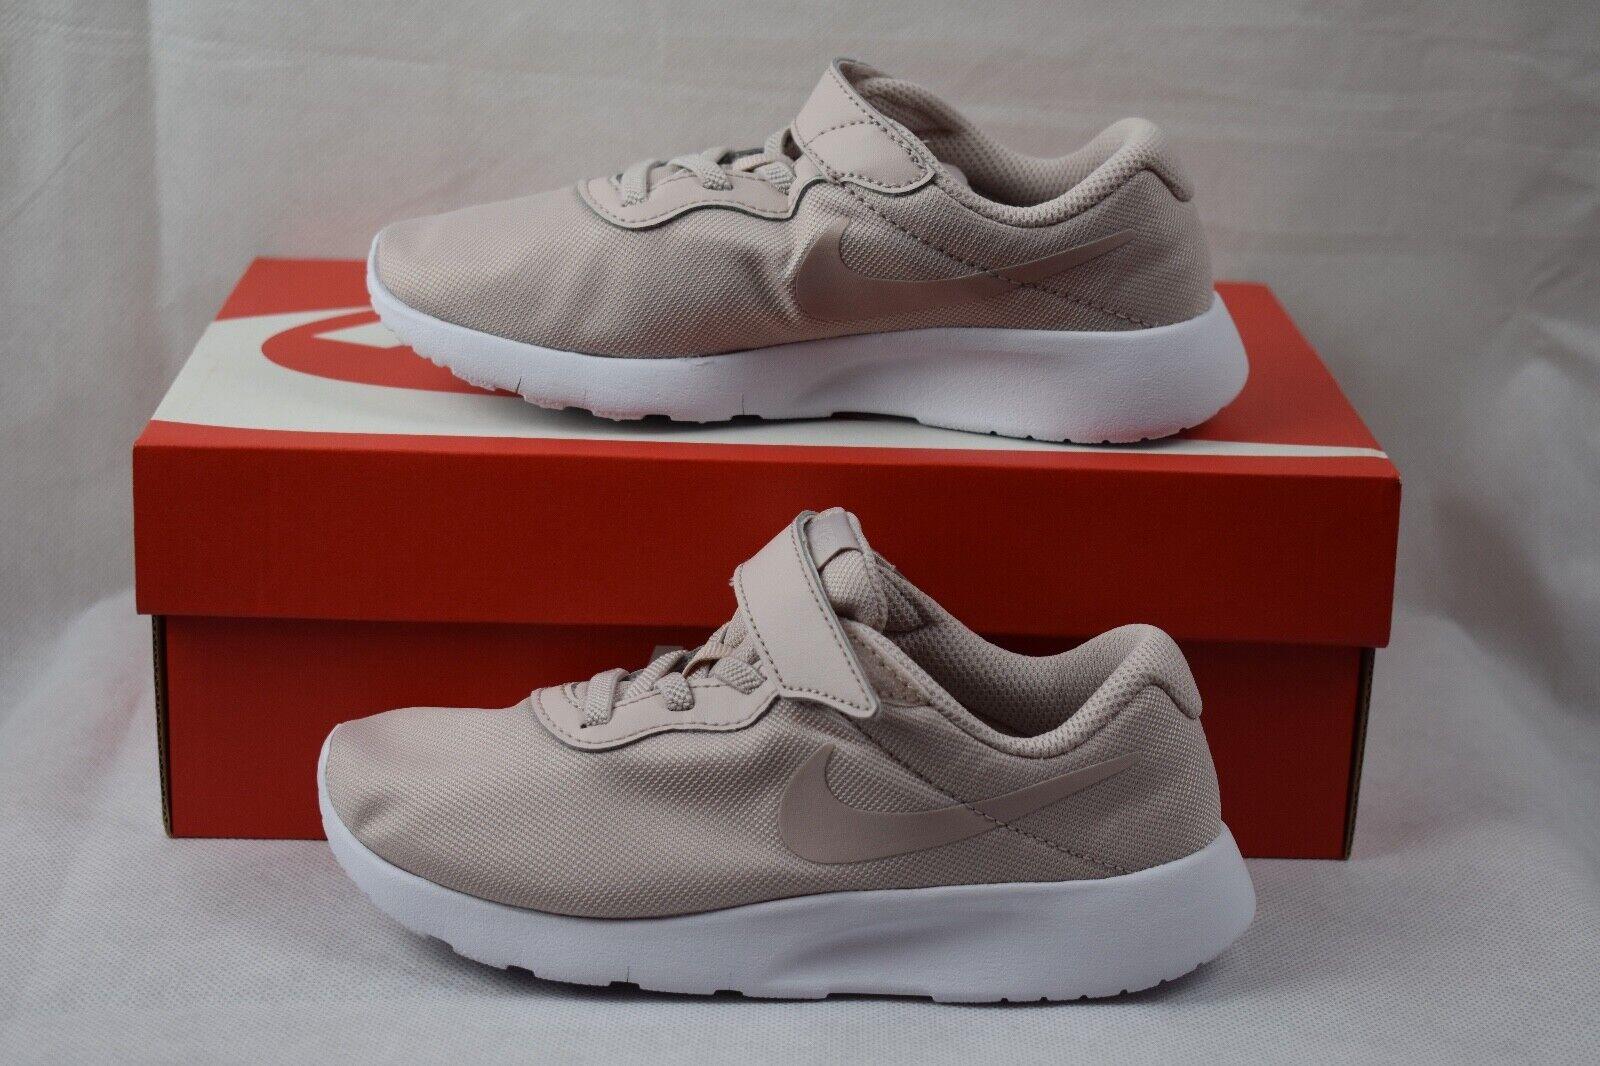 buy popular 0af5b d01d7 Turnschuhe Nike Mädchen 31 Test Vergleich +++ Turnschuhe ...